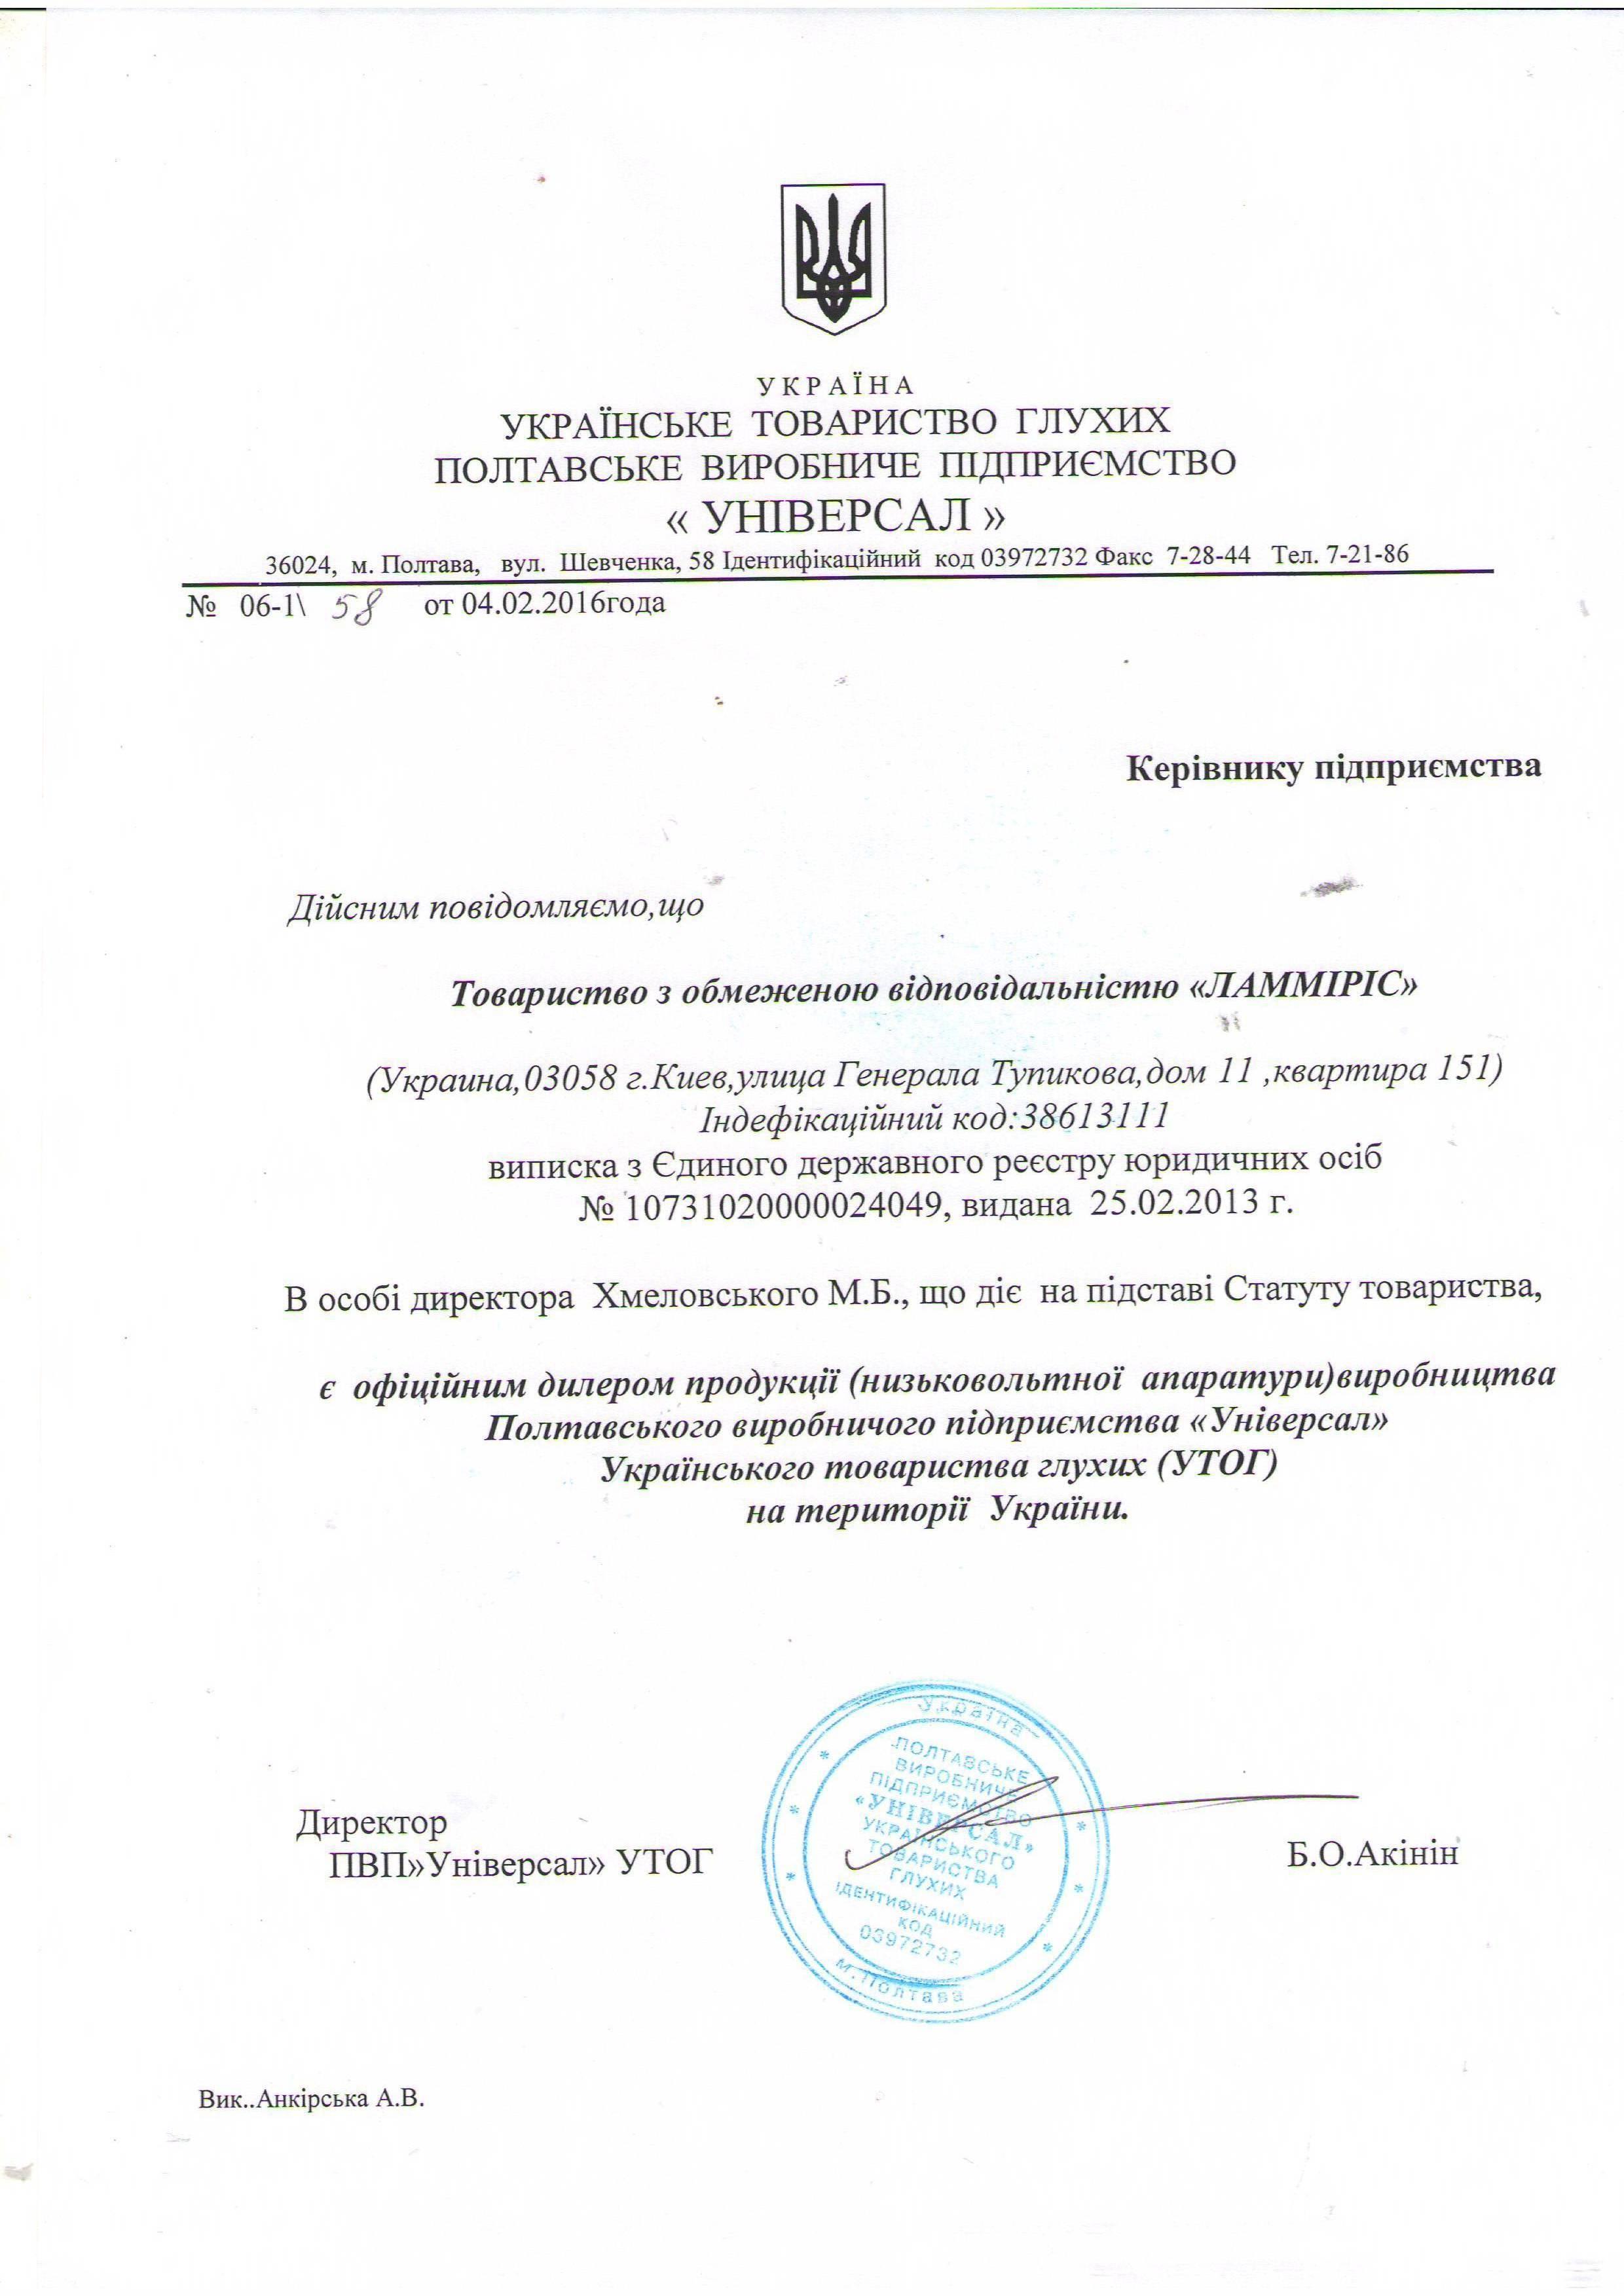 Сертификат УТОГ